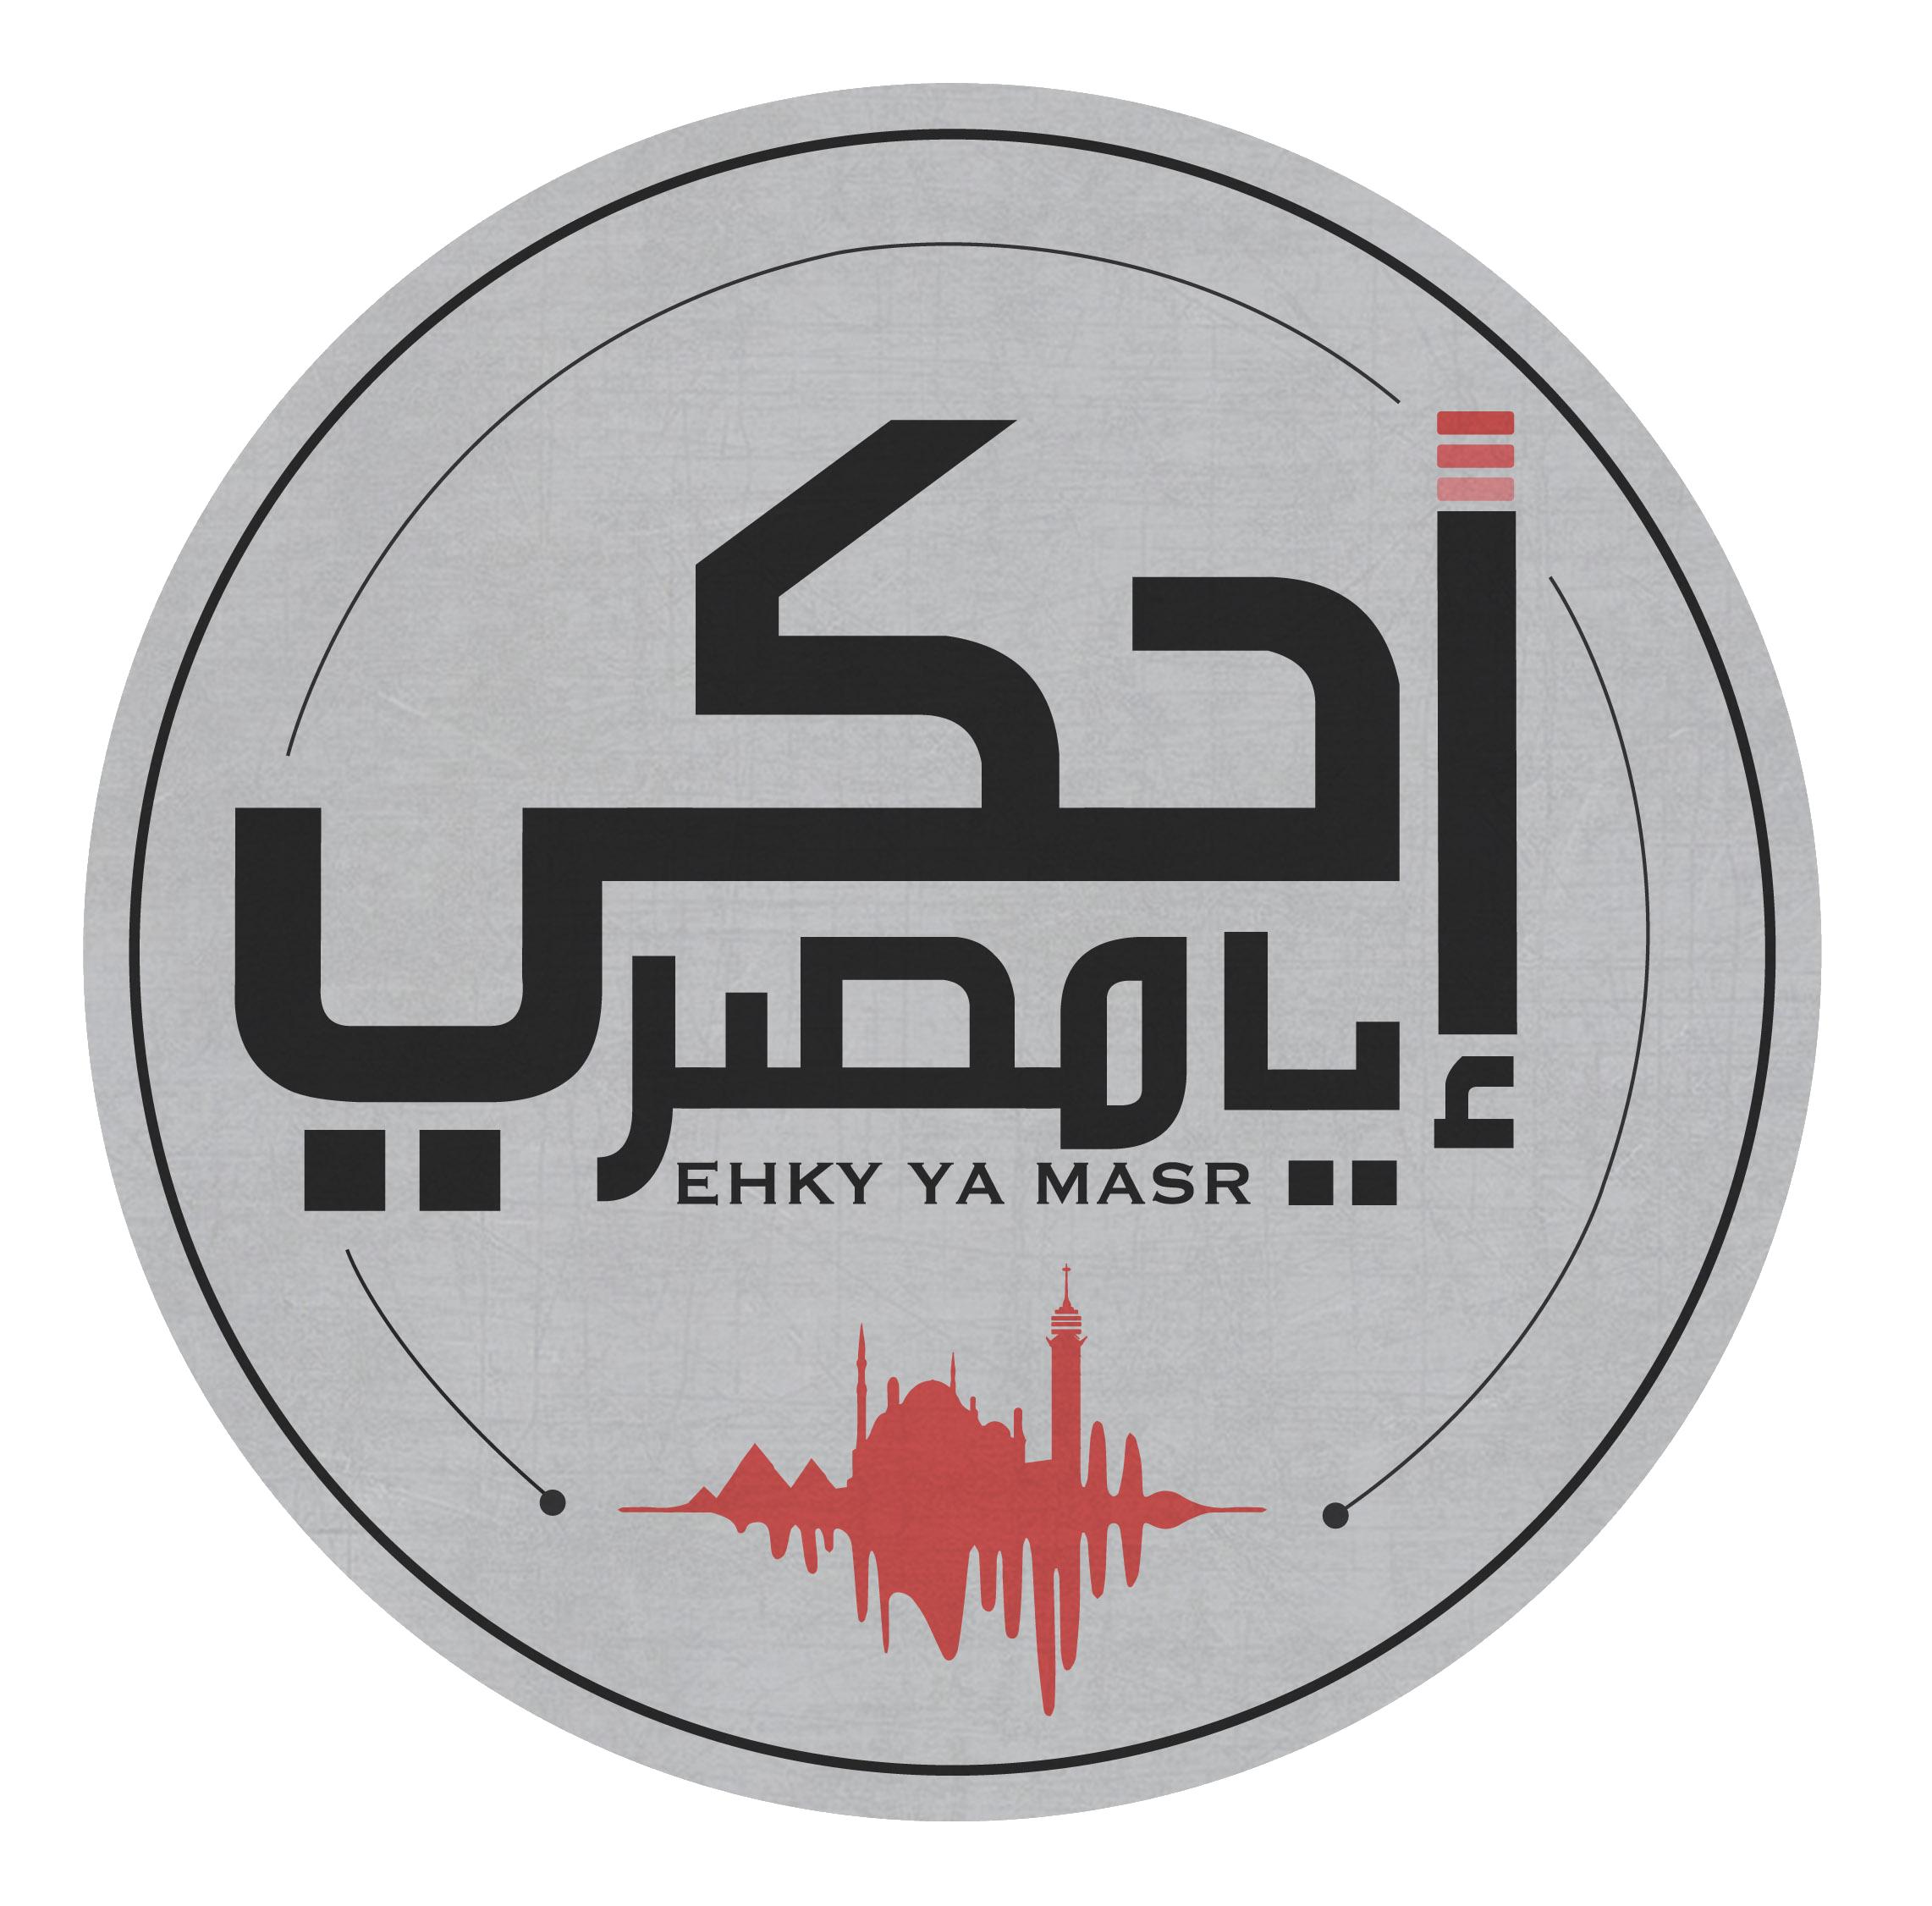 Caption: Ehky Ya Masr logo, Credit: Heba Fouad